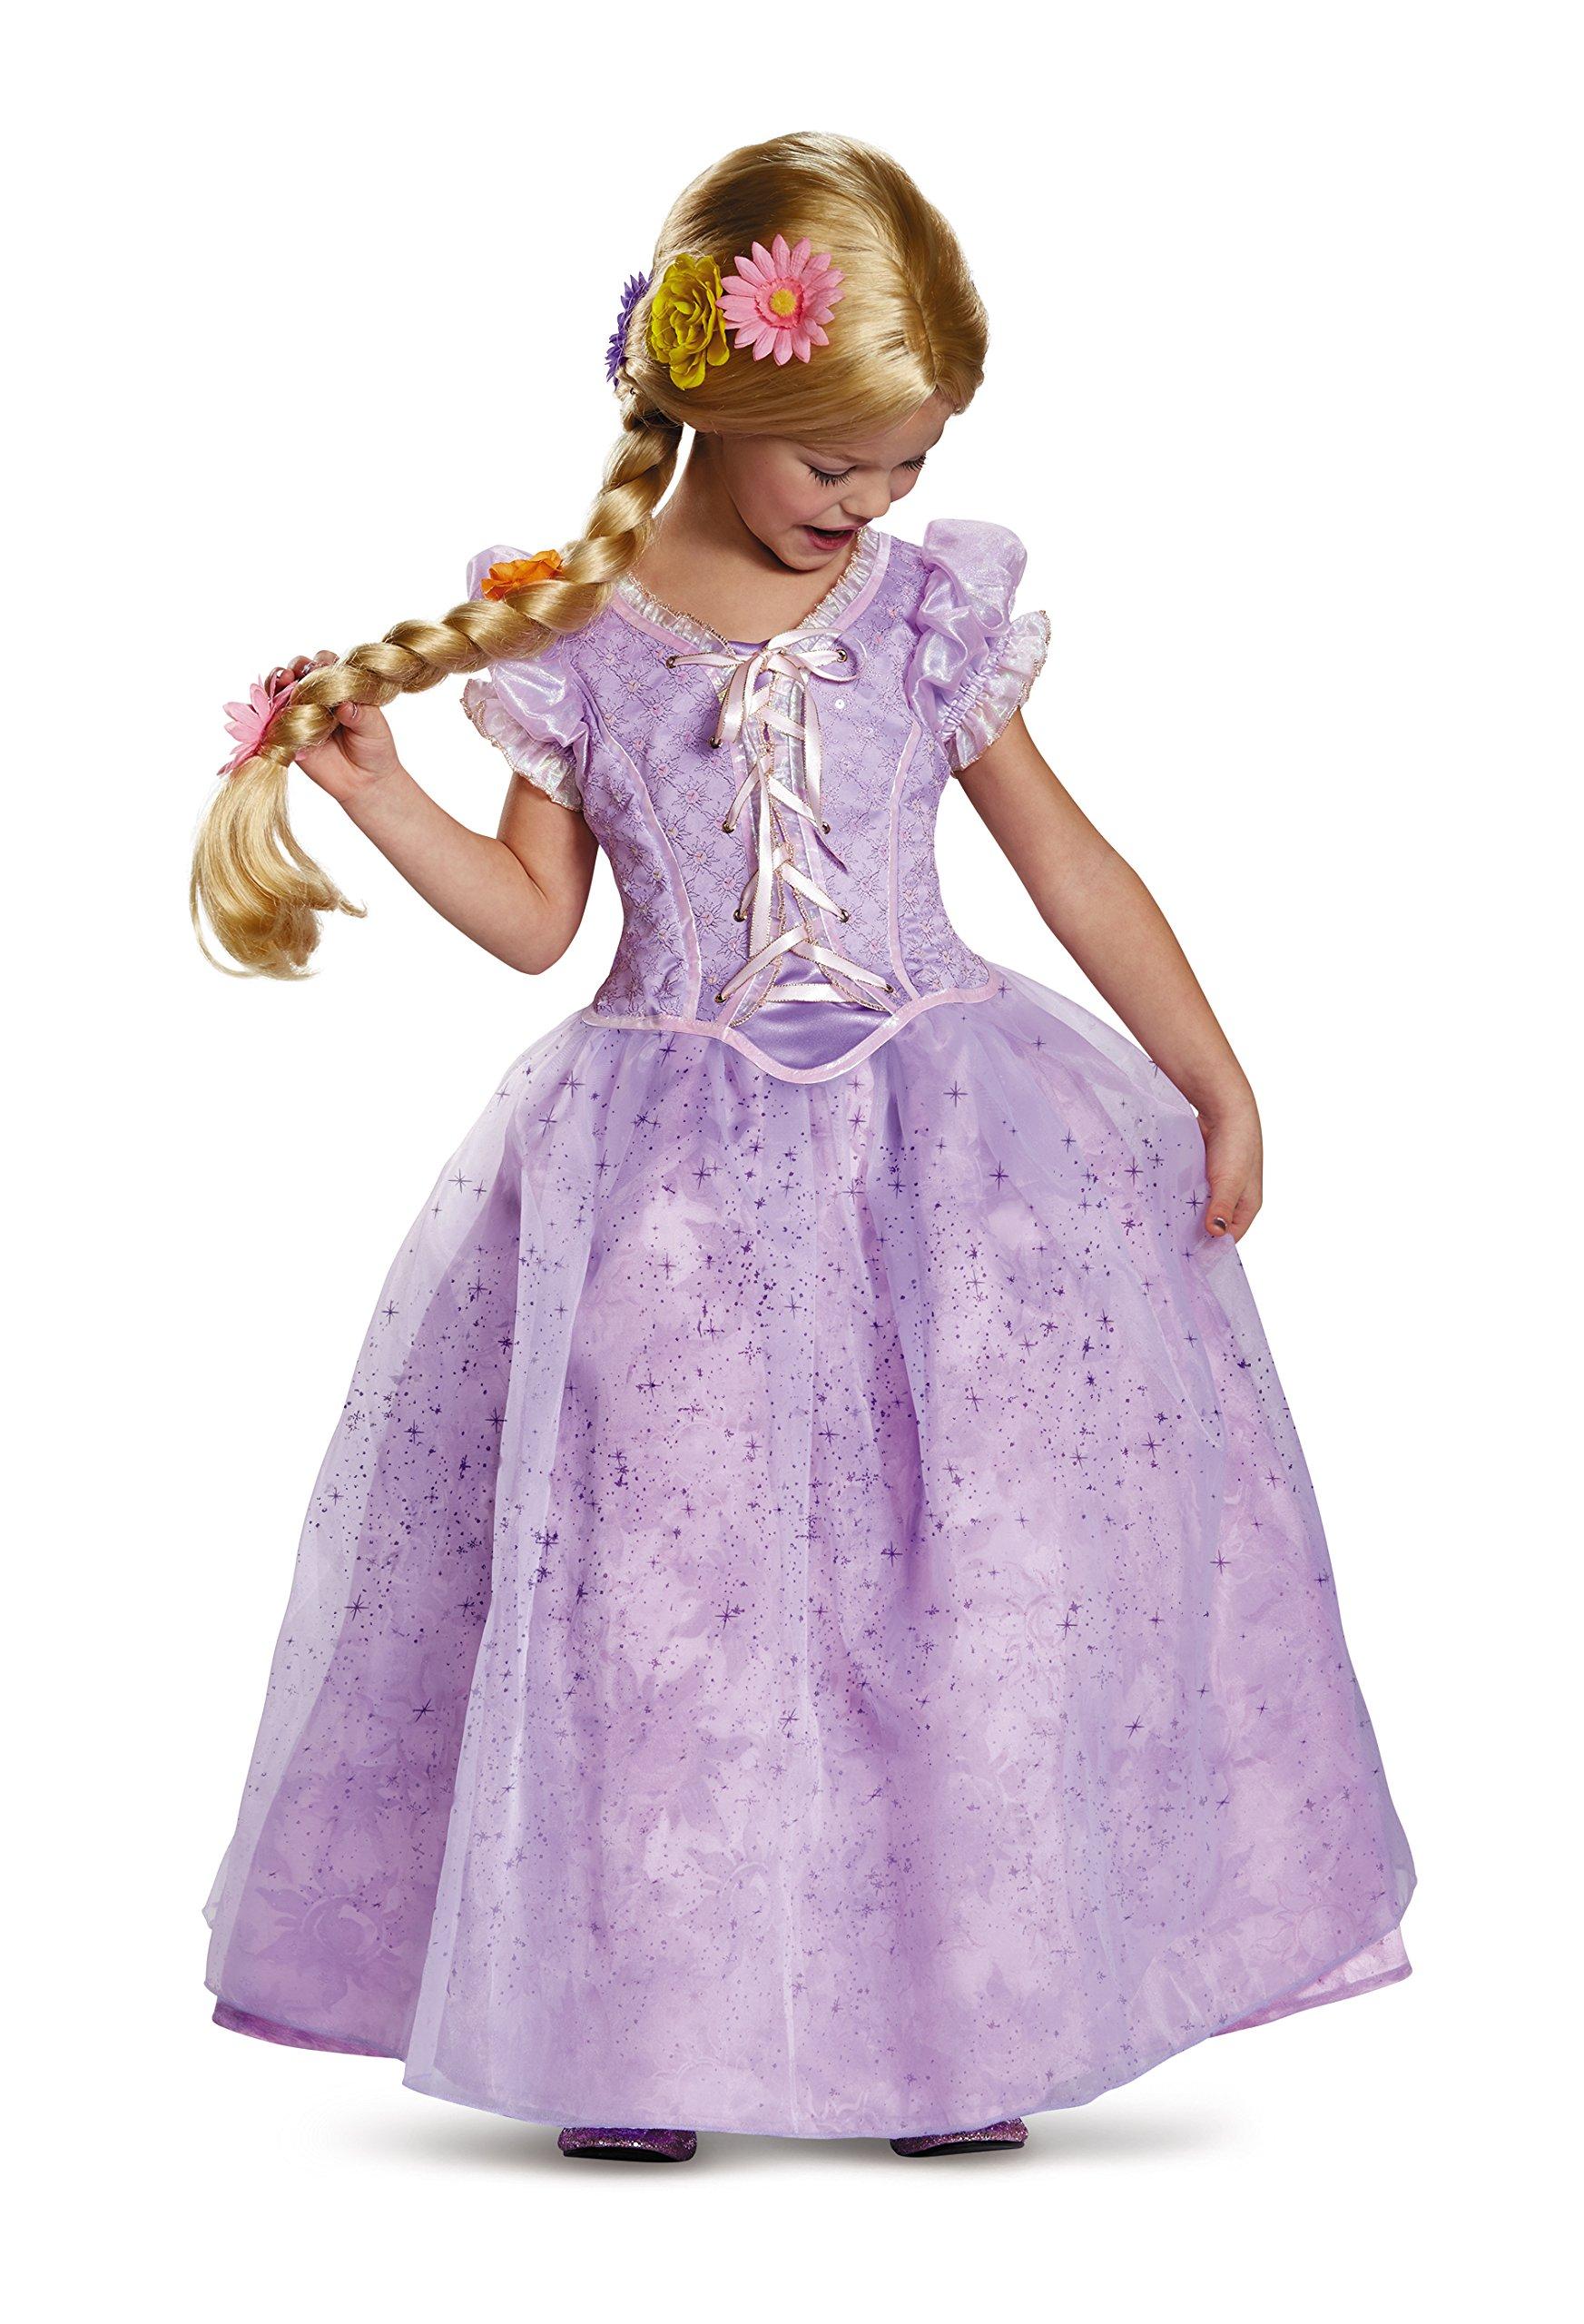 Rapunzel Ultra Prestige Disney Princess Tangled Costume, X-Small/3T-4T